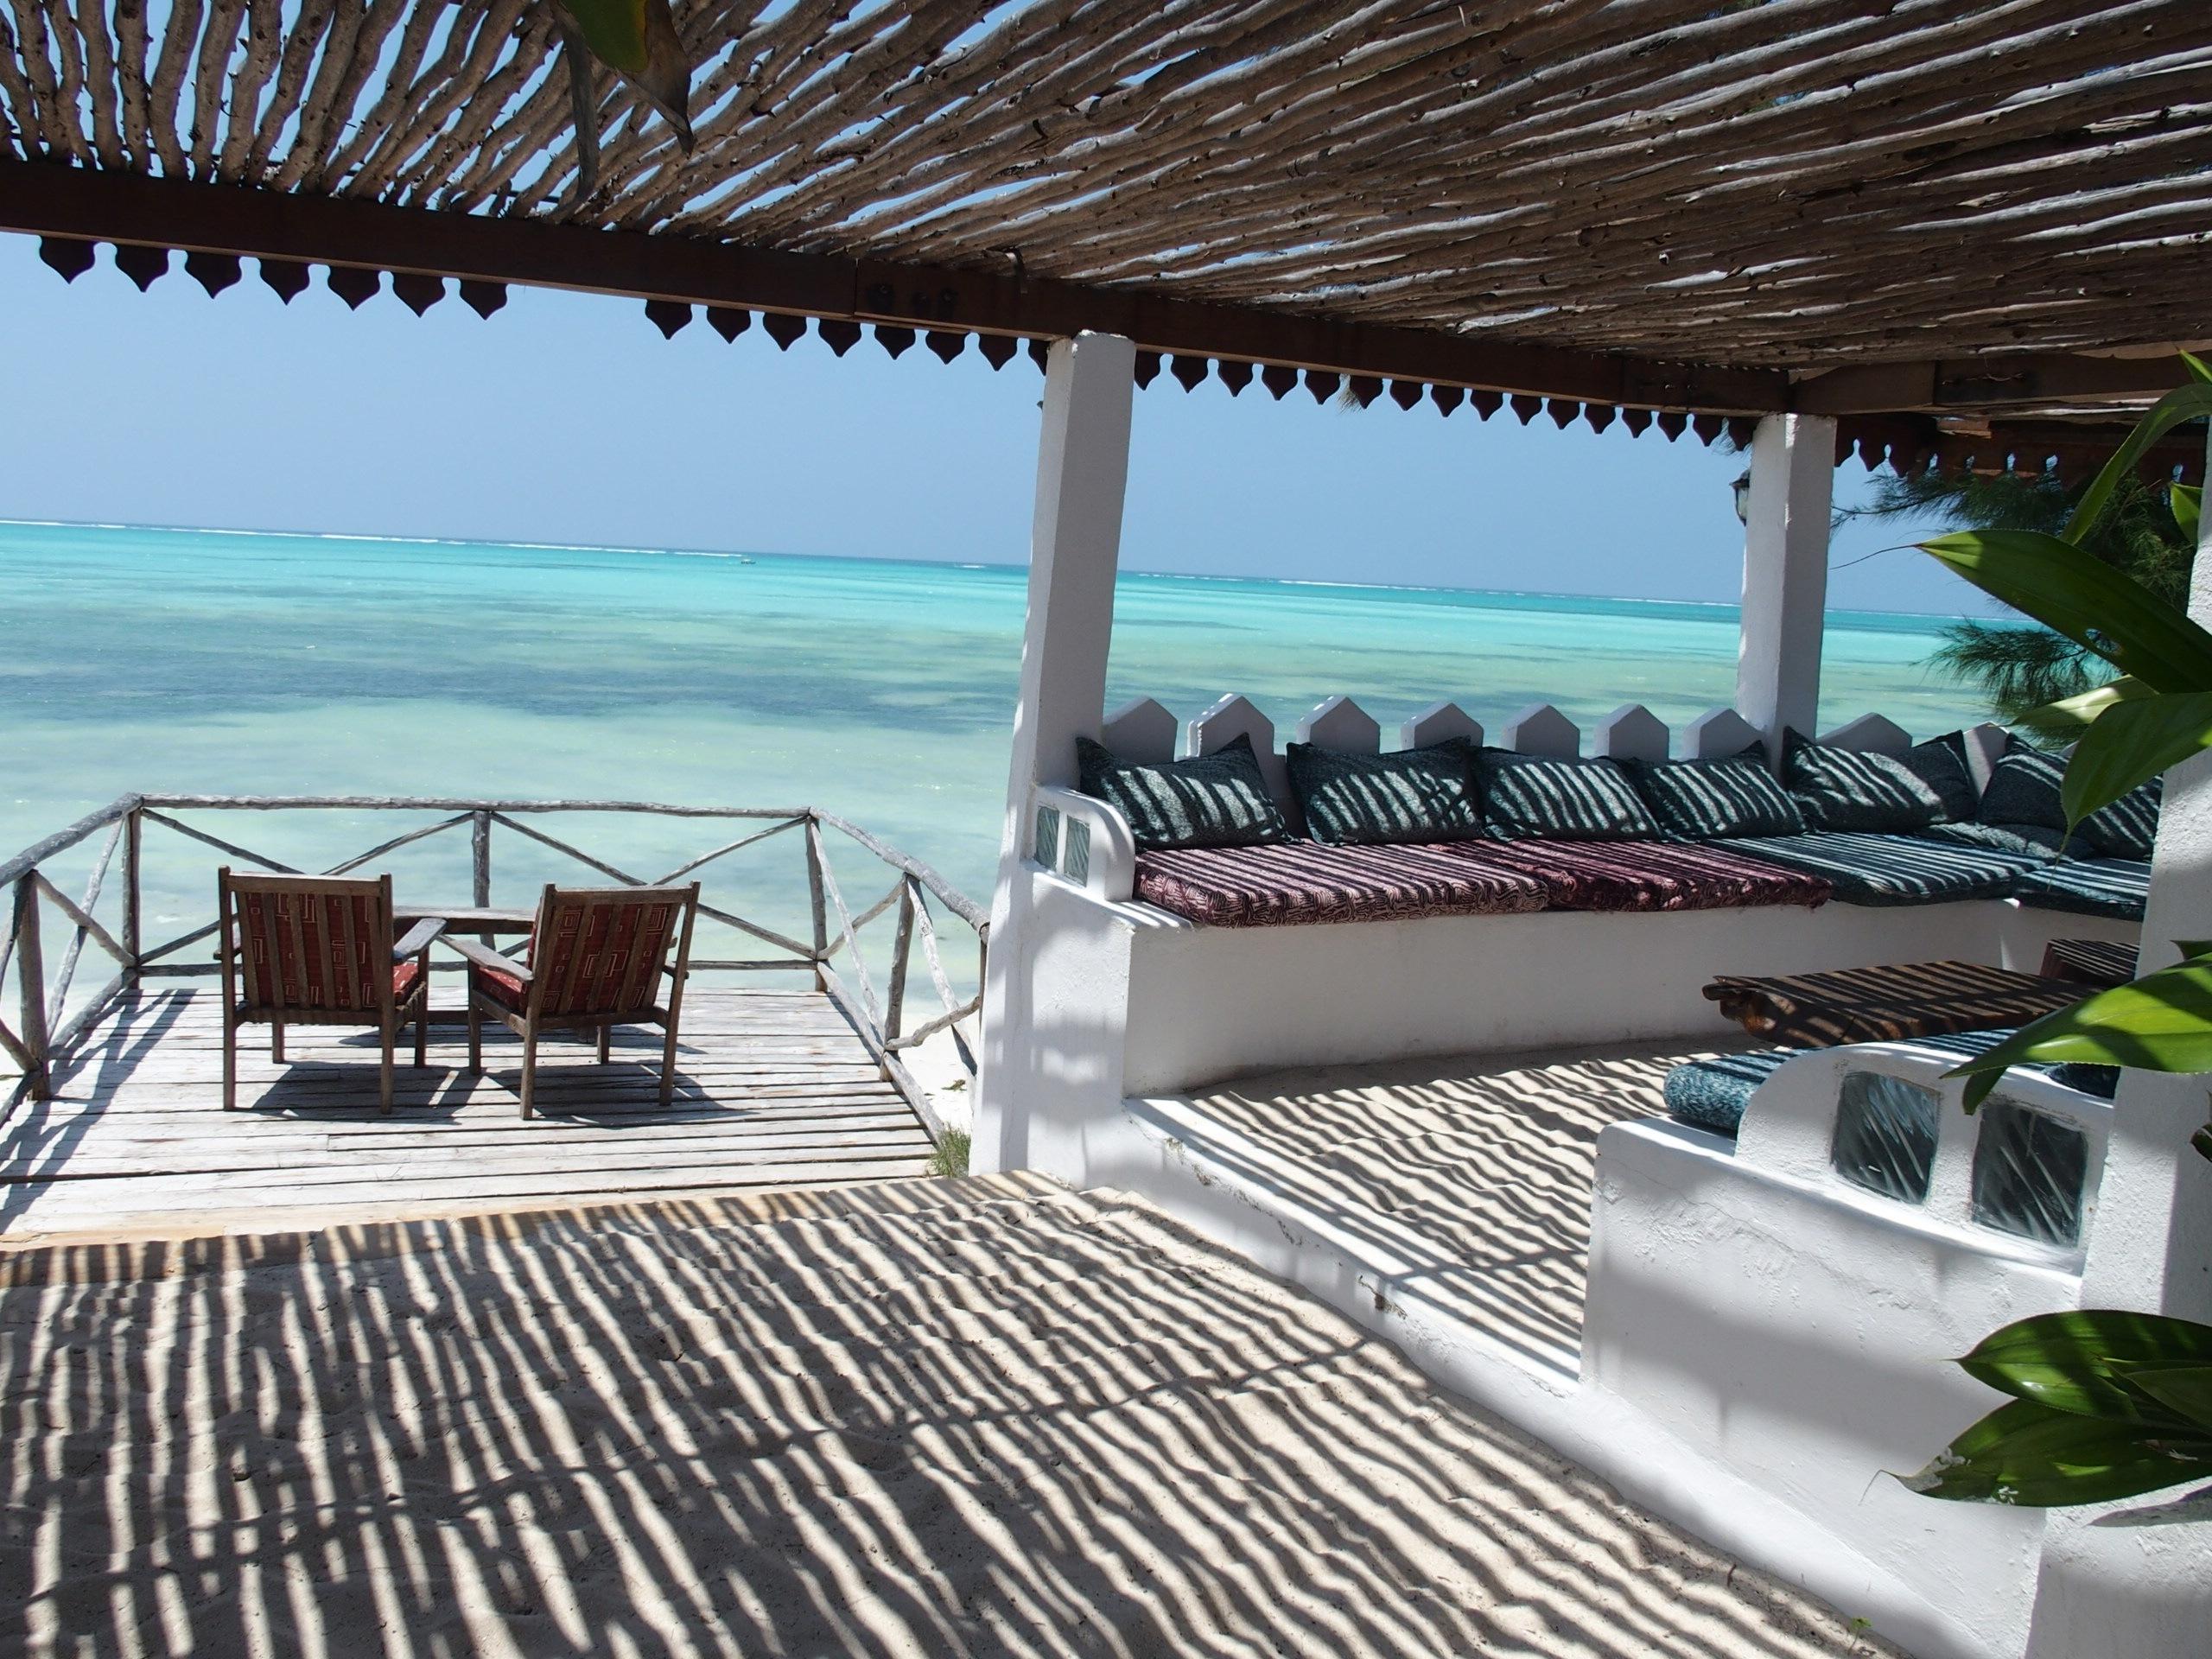 Terrasse super zen hotel Zanzibar Tanzanie.